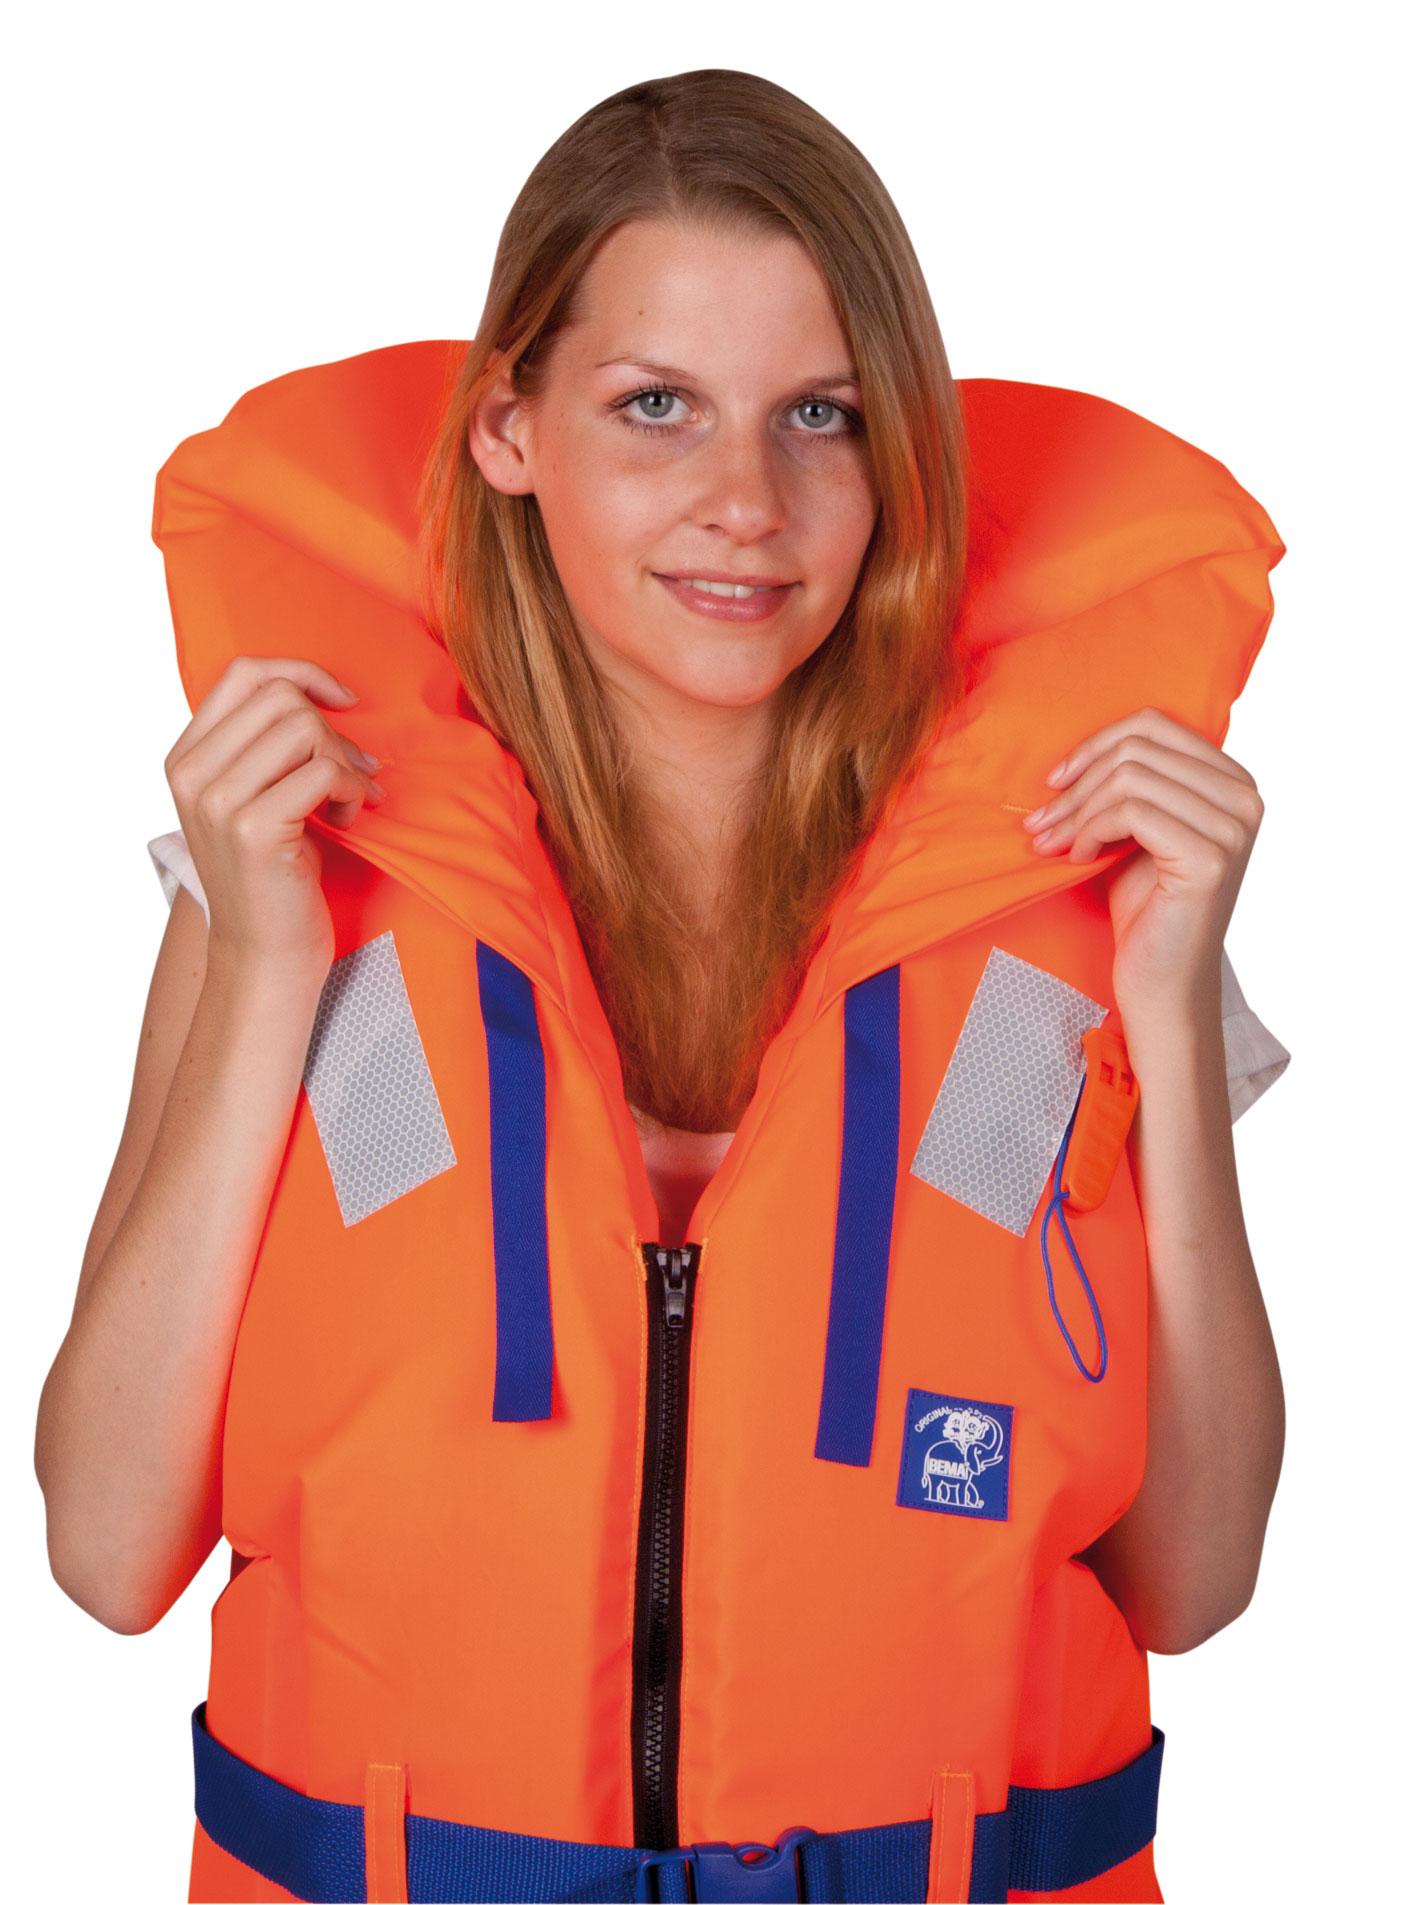 Schwimmweste / Rettungsweste BEMA Erwachsene Größe XL Bild 1